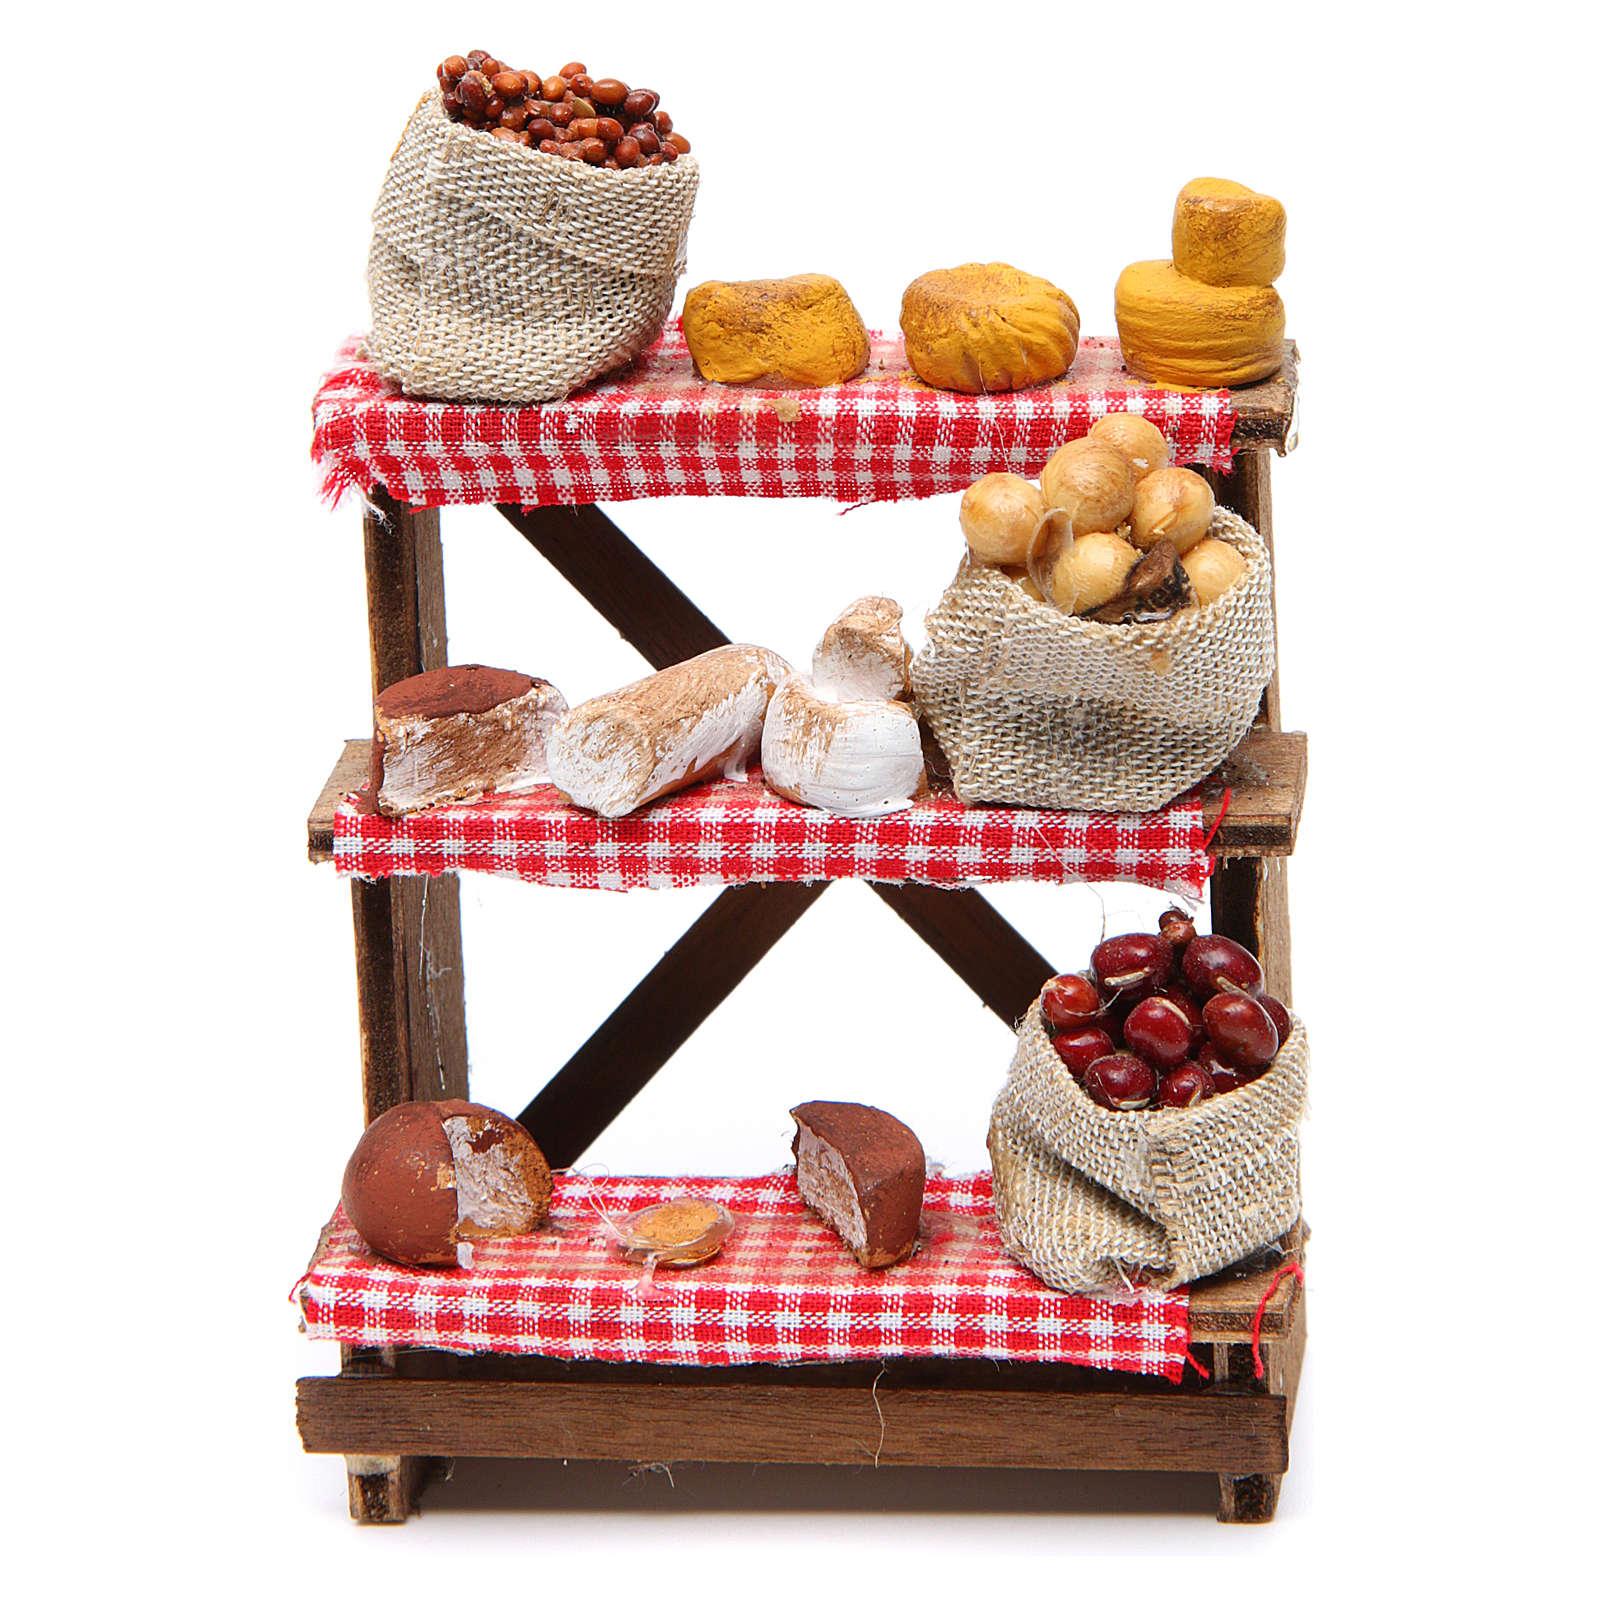 Banchetto olive e noci presepe napoletano 16x12x10 cm 4